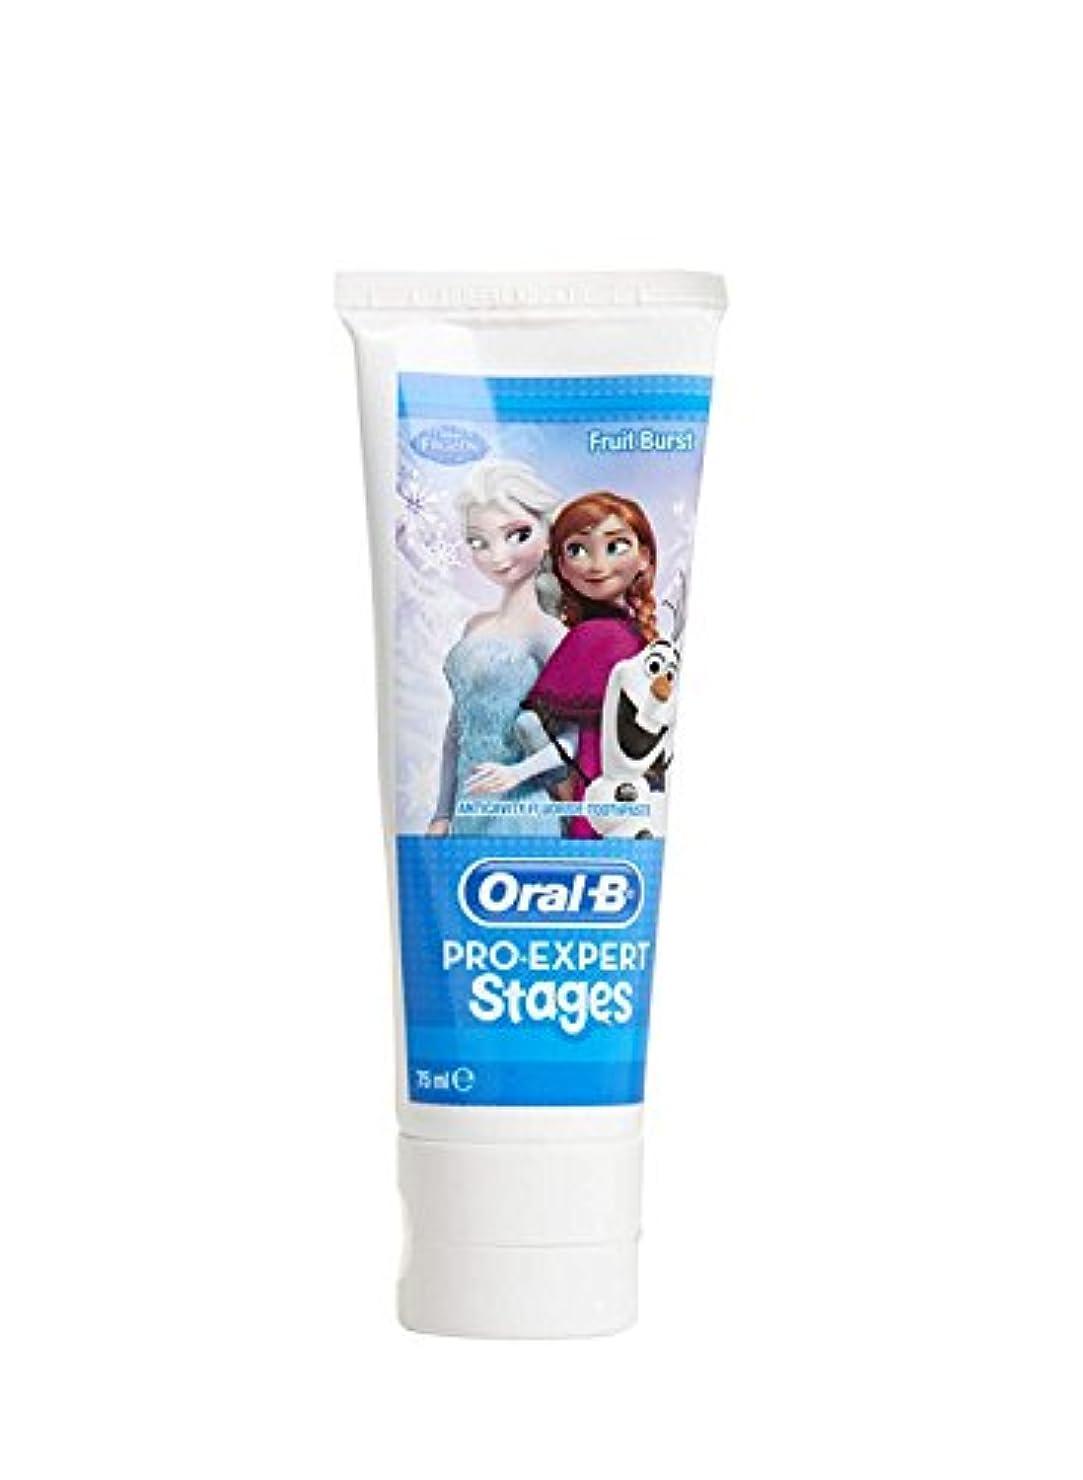 エリート冬上回るオーラルB アナ雪キャラクター 子供用 歯磨き粉 5-7歳対象  並行輸入品 海外発送